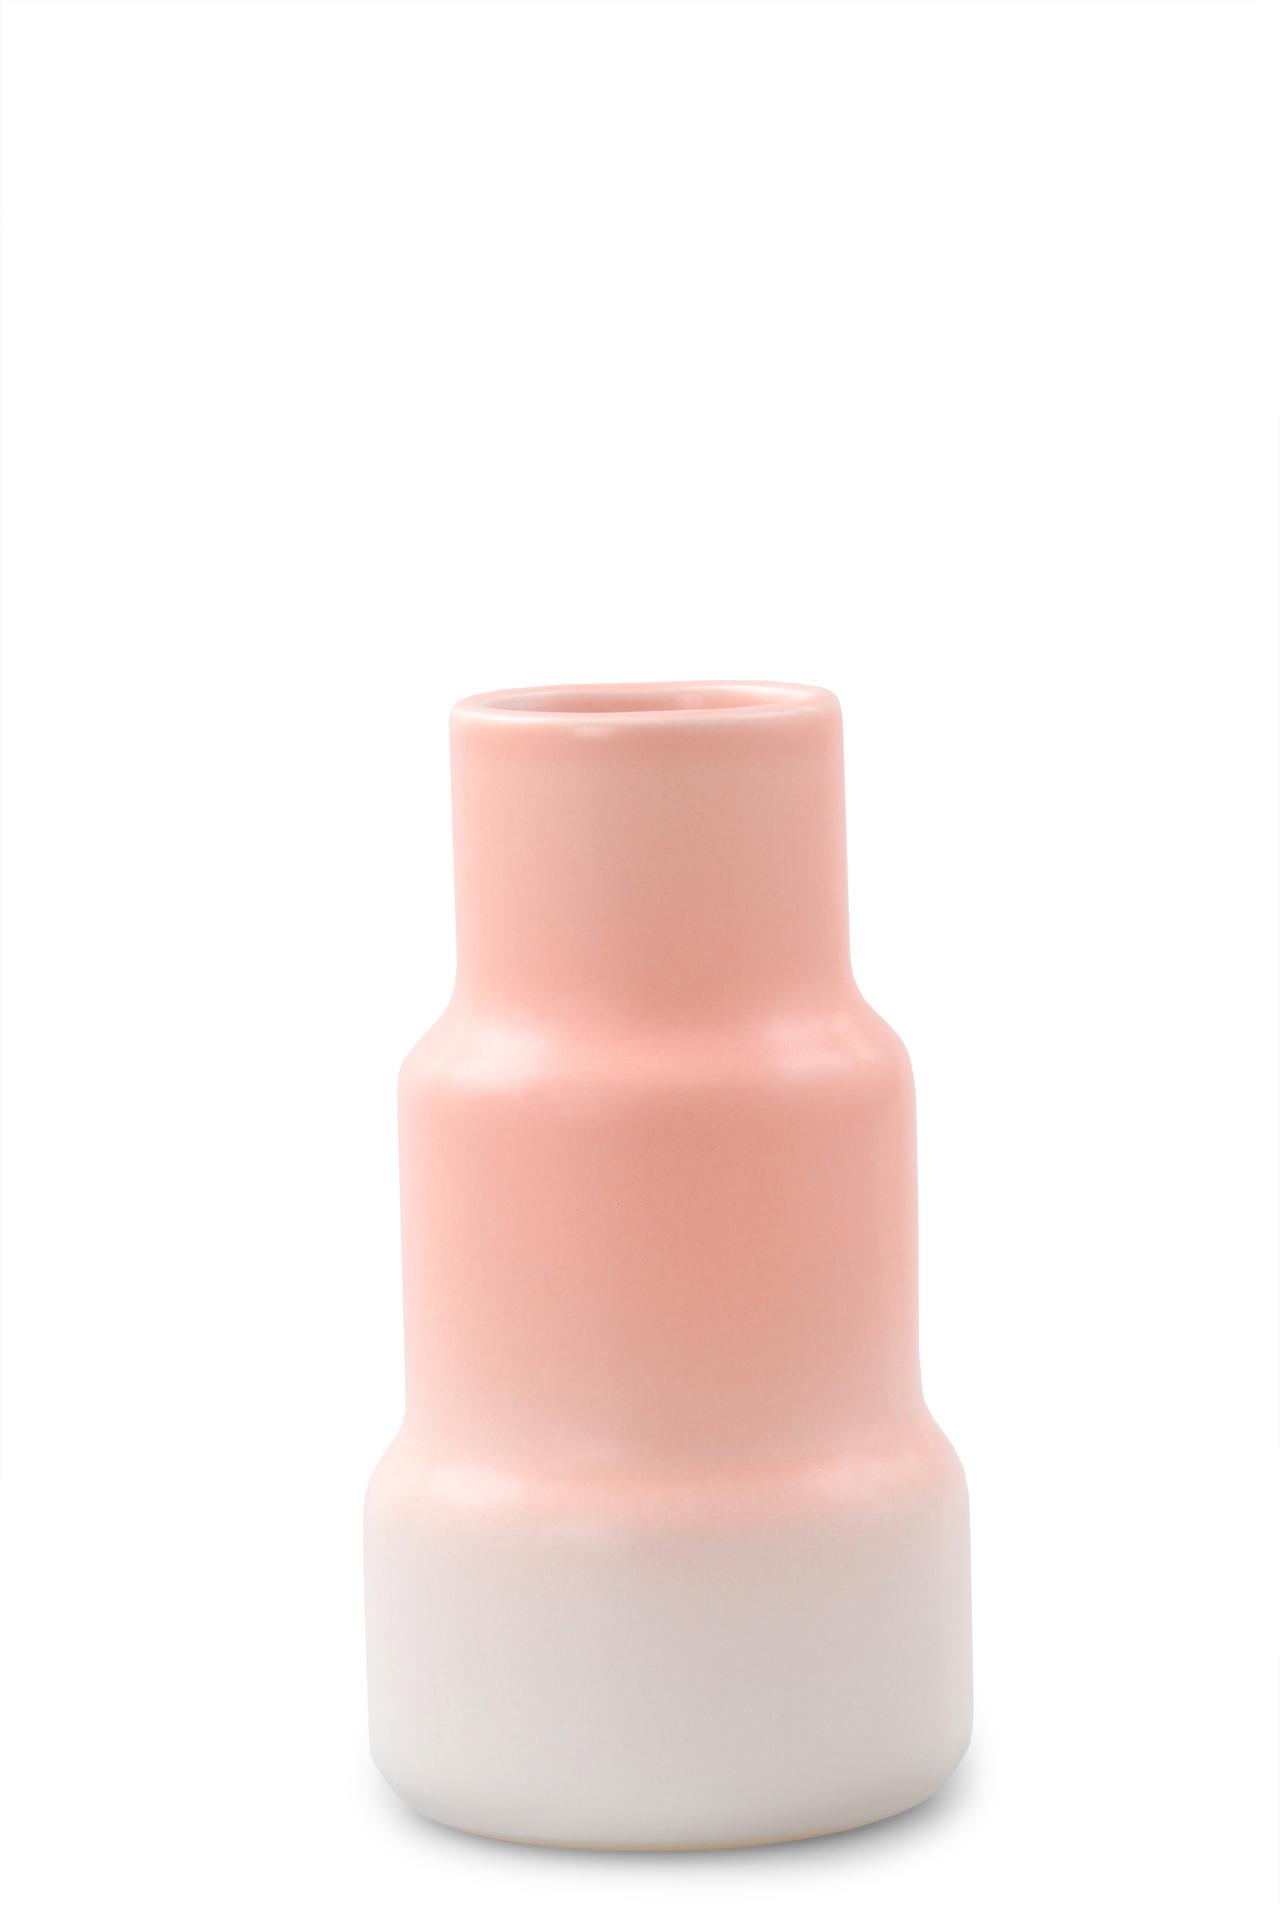 3ks keramické vázy, pastelové barvy, výška 13 cm